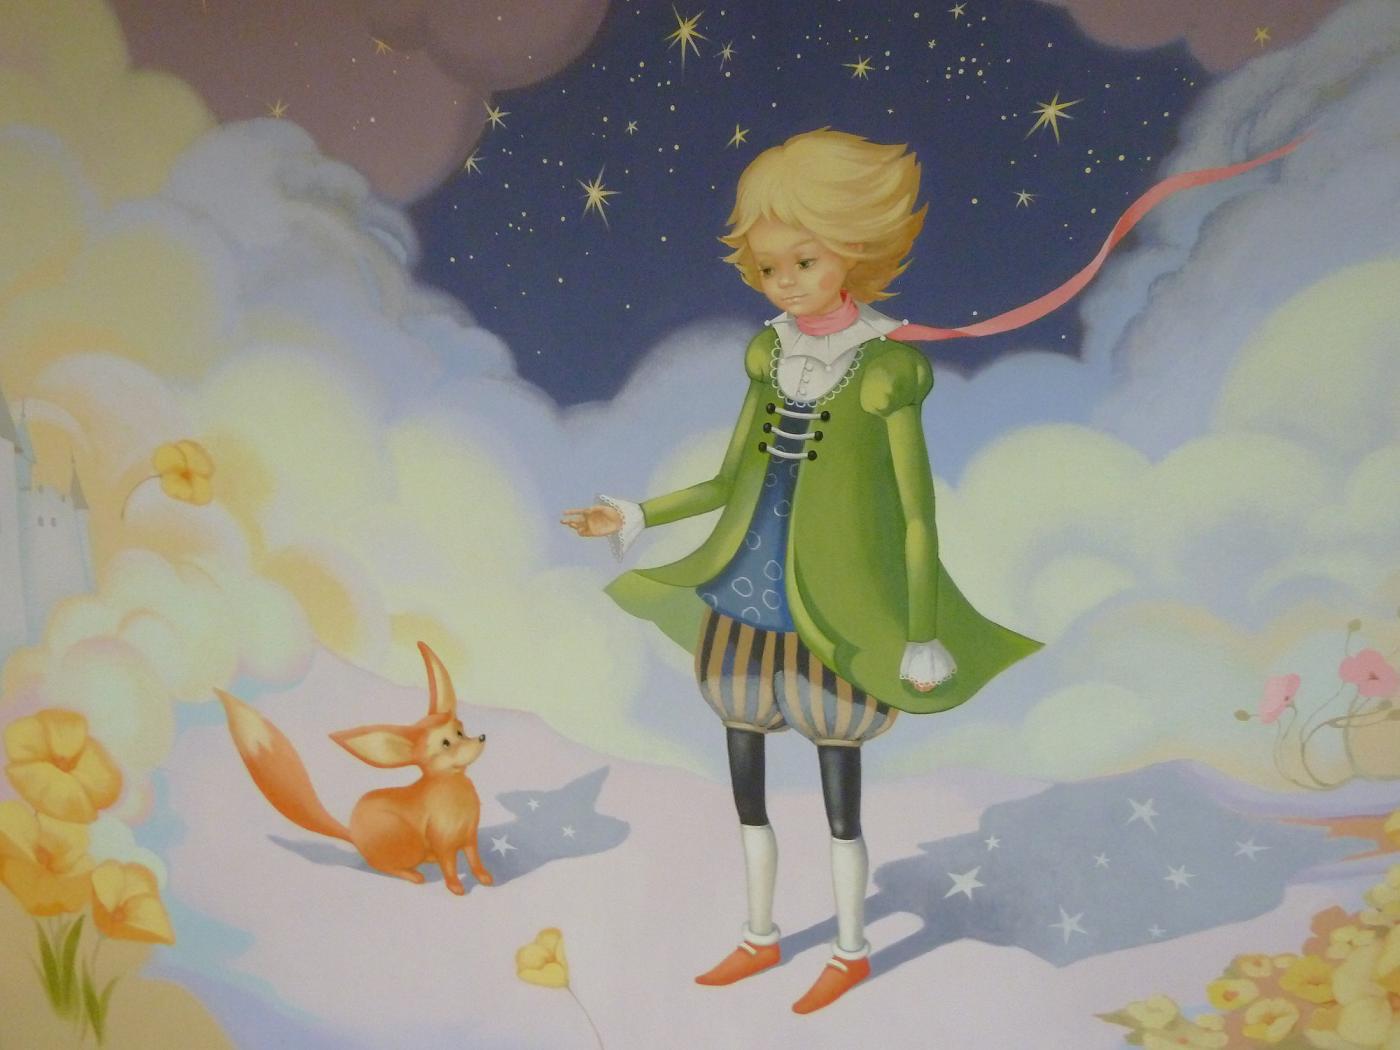 ближе иллюстрации к произведению маленький принц этом